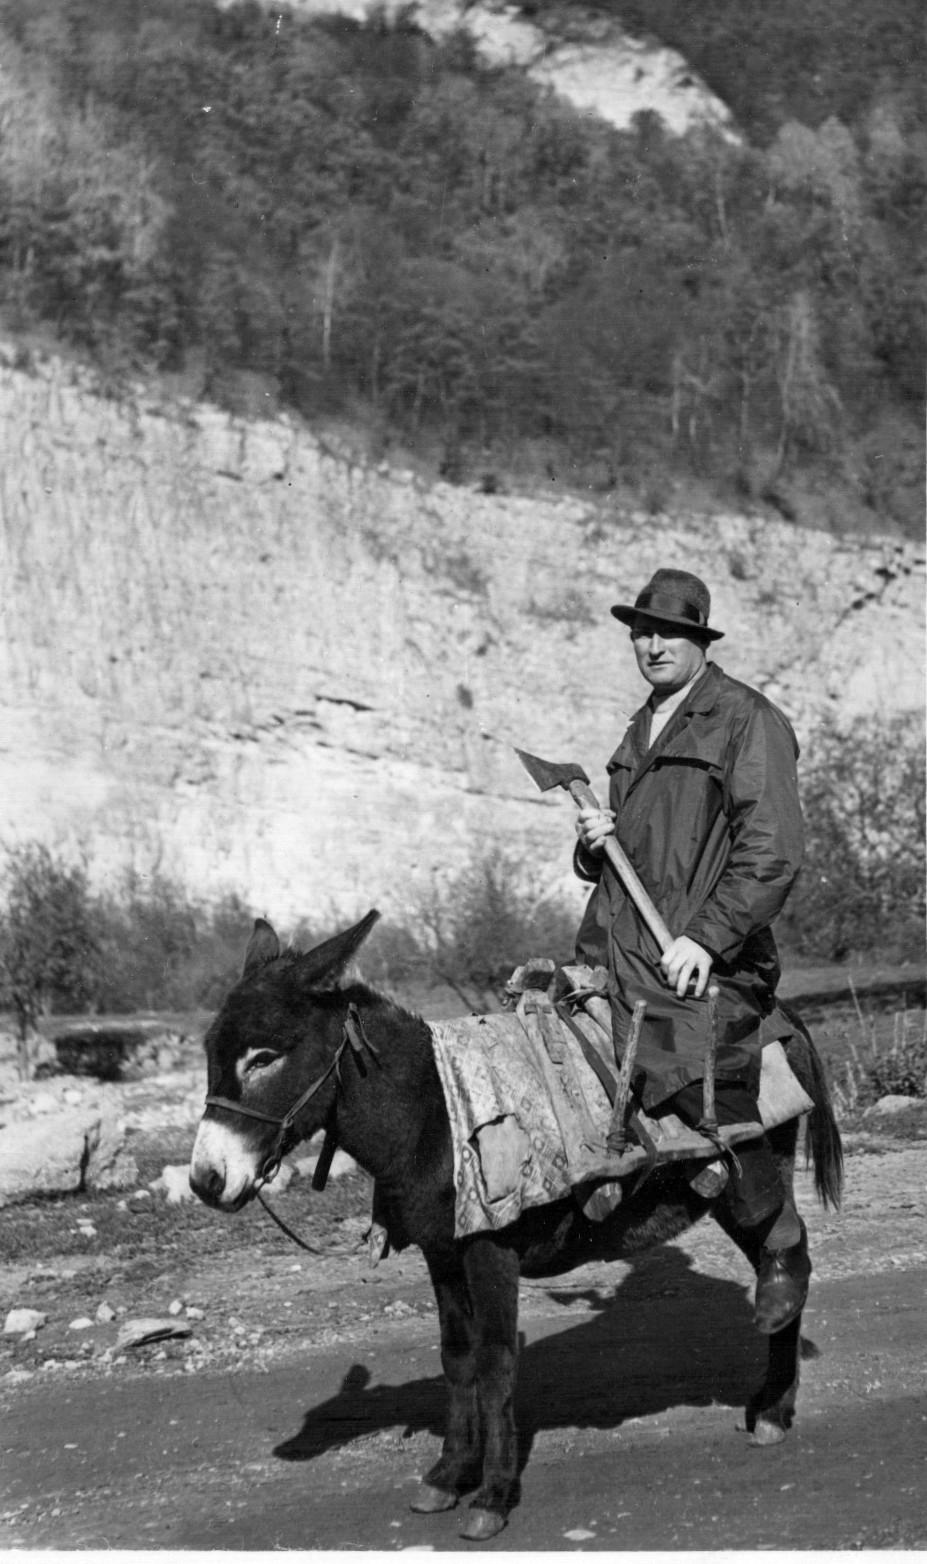 Где-то на дорогах Северного Кавказа... За хворостом собрался на ослике (в шляпе и плаще-болонье)? 1965.